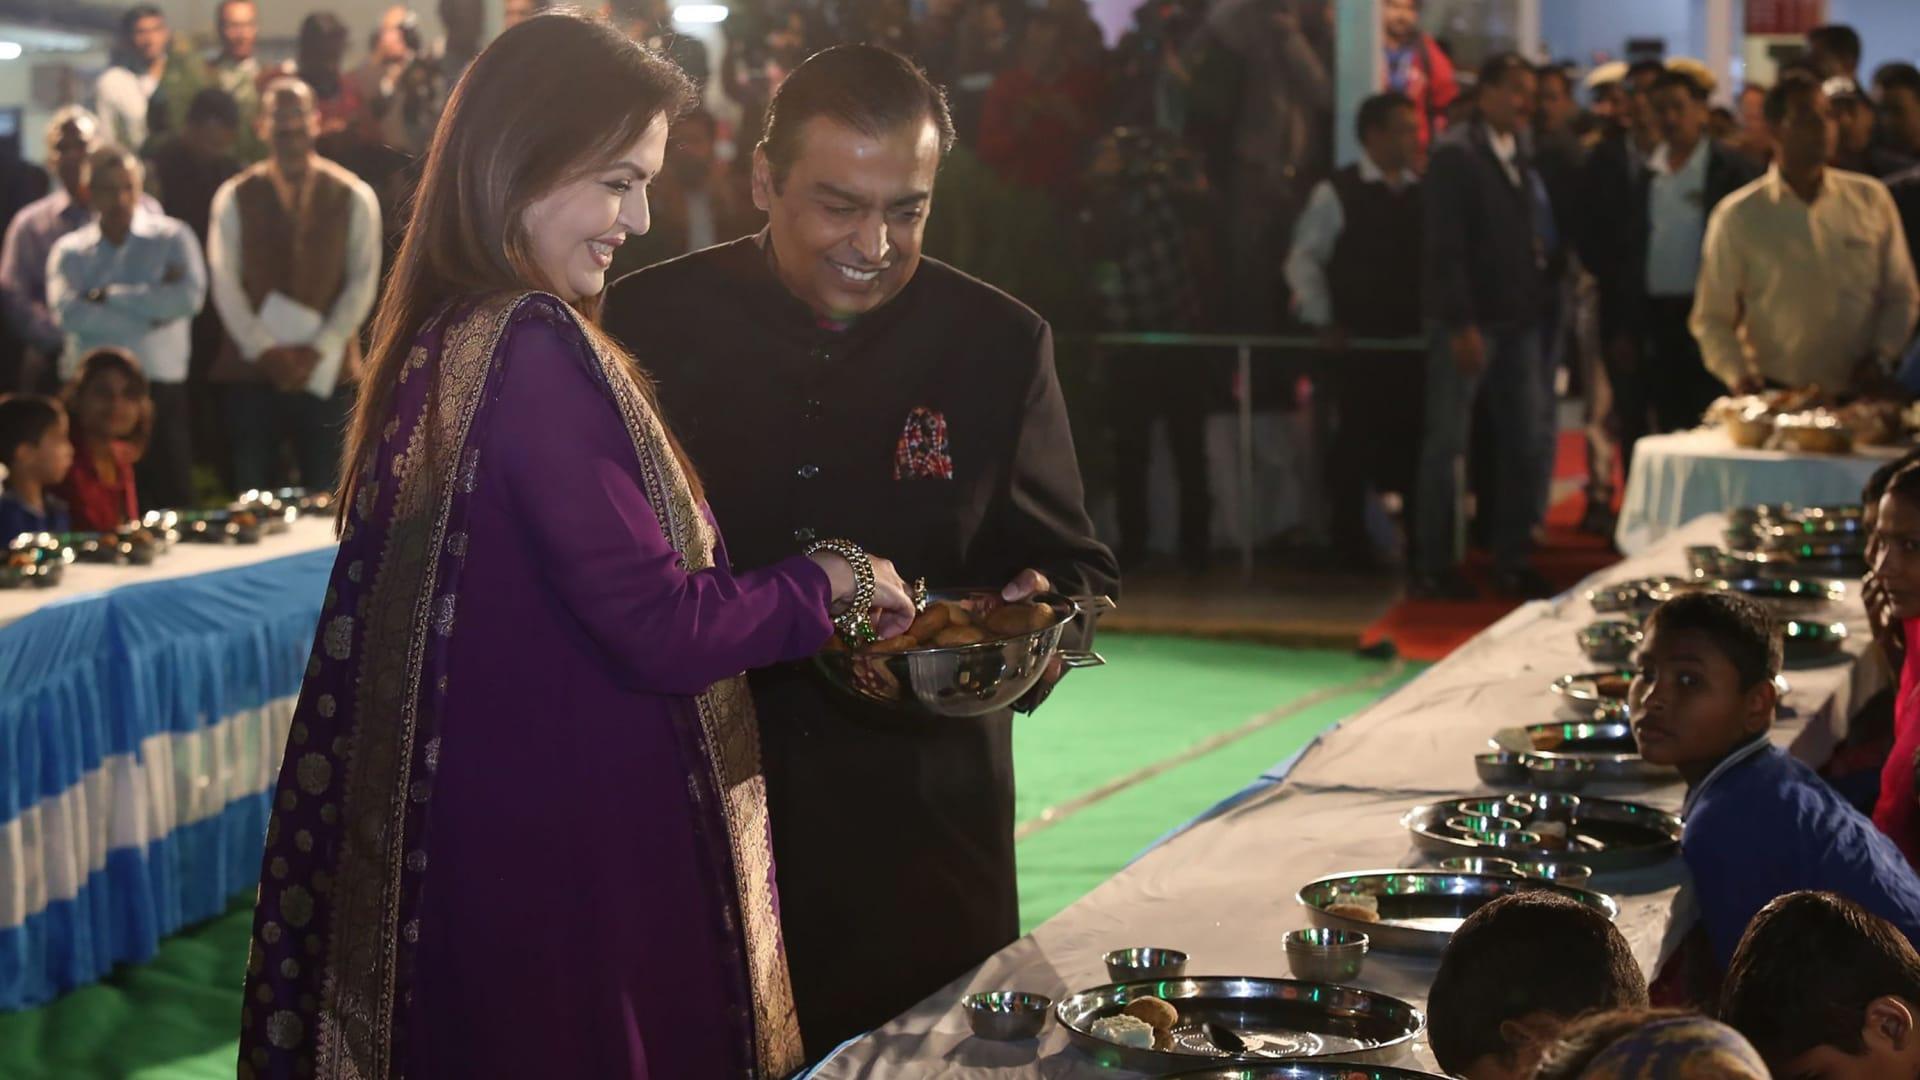 موكيش أمباني وزوجته نيتا في احتفالات ما قبل الزفاف.